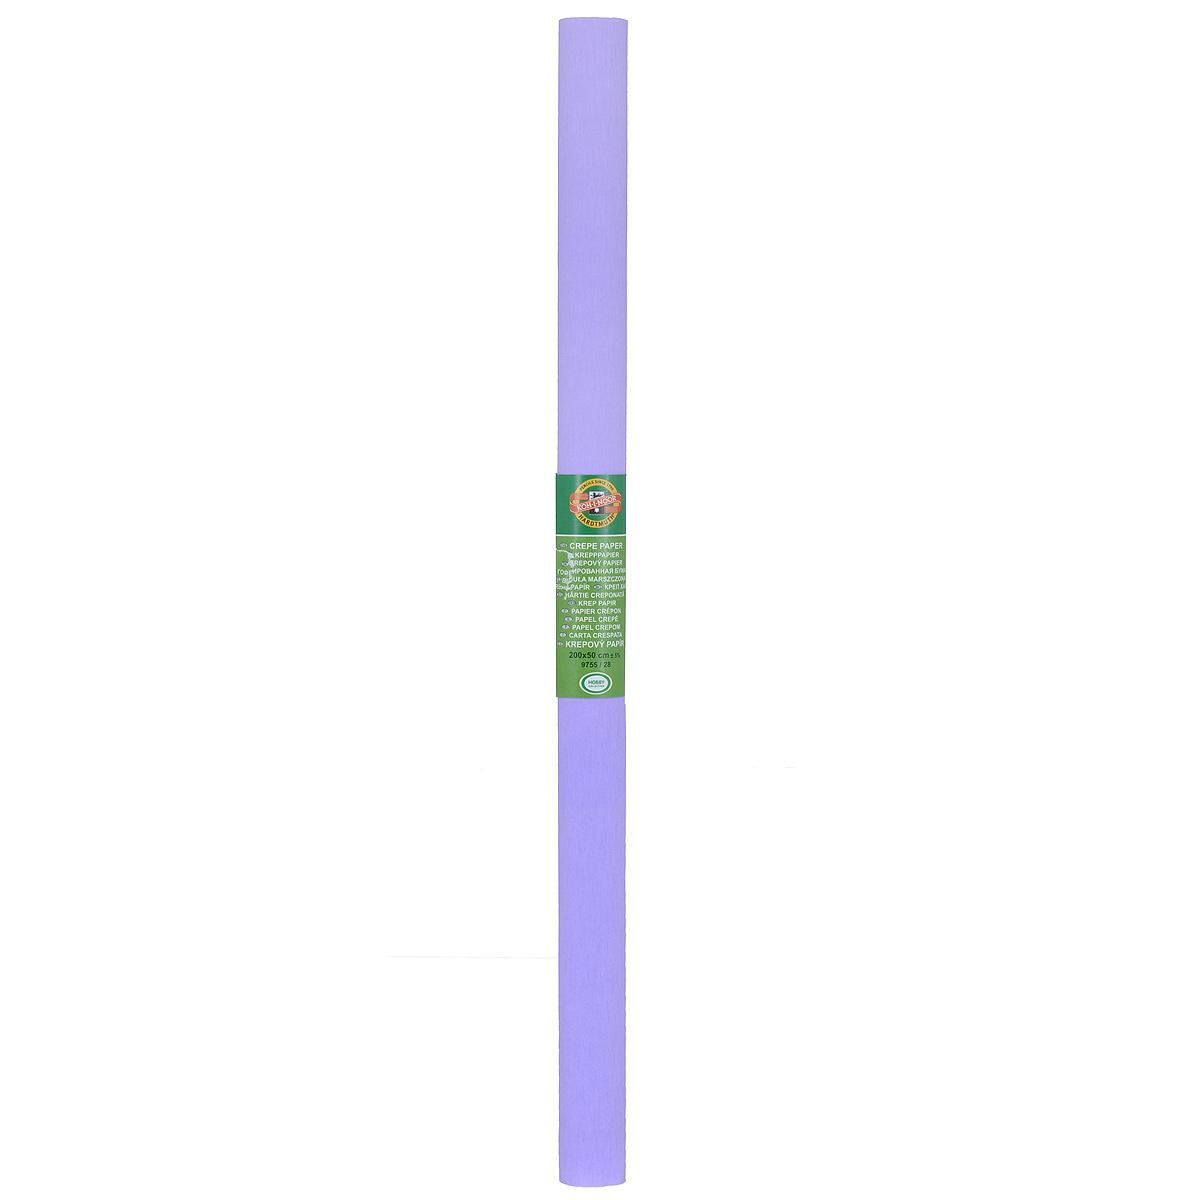 Бумага гофрированная Koh-I-Noor, цвет: сиреневый, 50 см x 2 м09840-20.000.00Гофрированная бумага Koh-I-Noor - прекрасный материал для декорирования, изготовления эффектной упаковки и различных поделок. Бумага прекрасно держит форму, не пачкает руки, отлично крепится и замечательно подходит для изготовления праздничной упаковки для цветов.